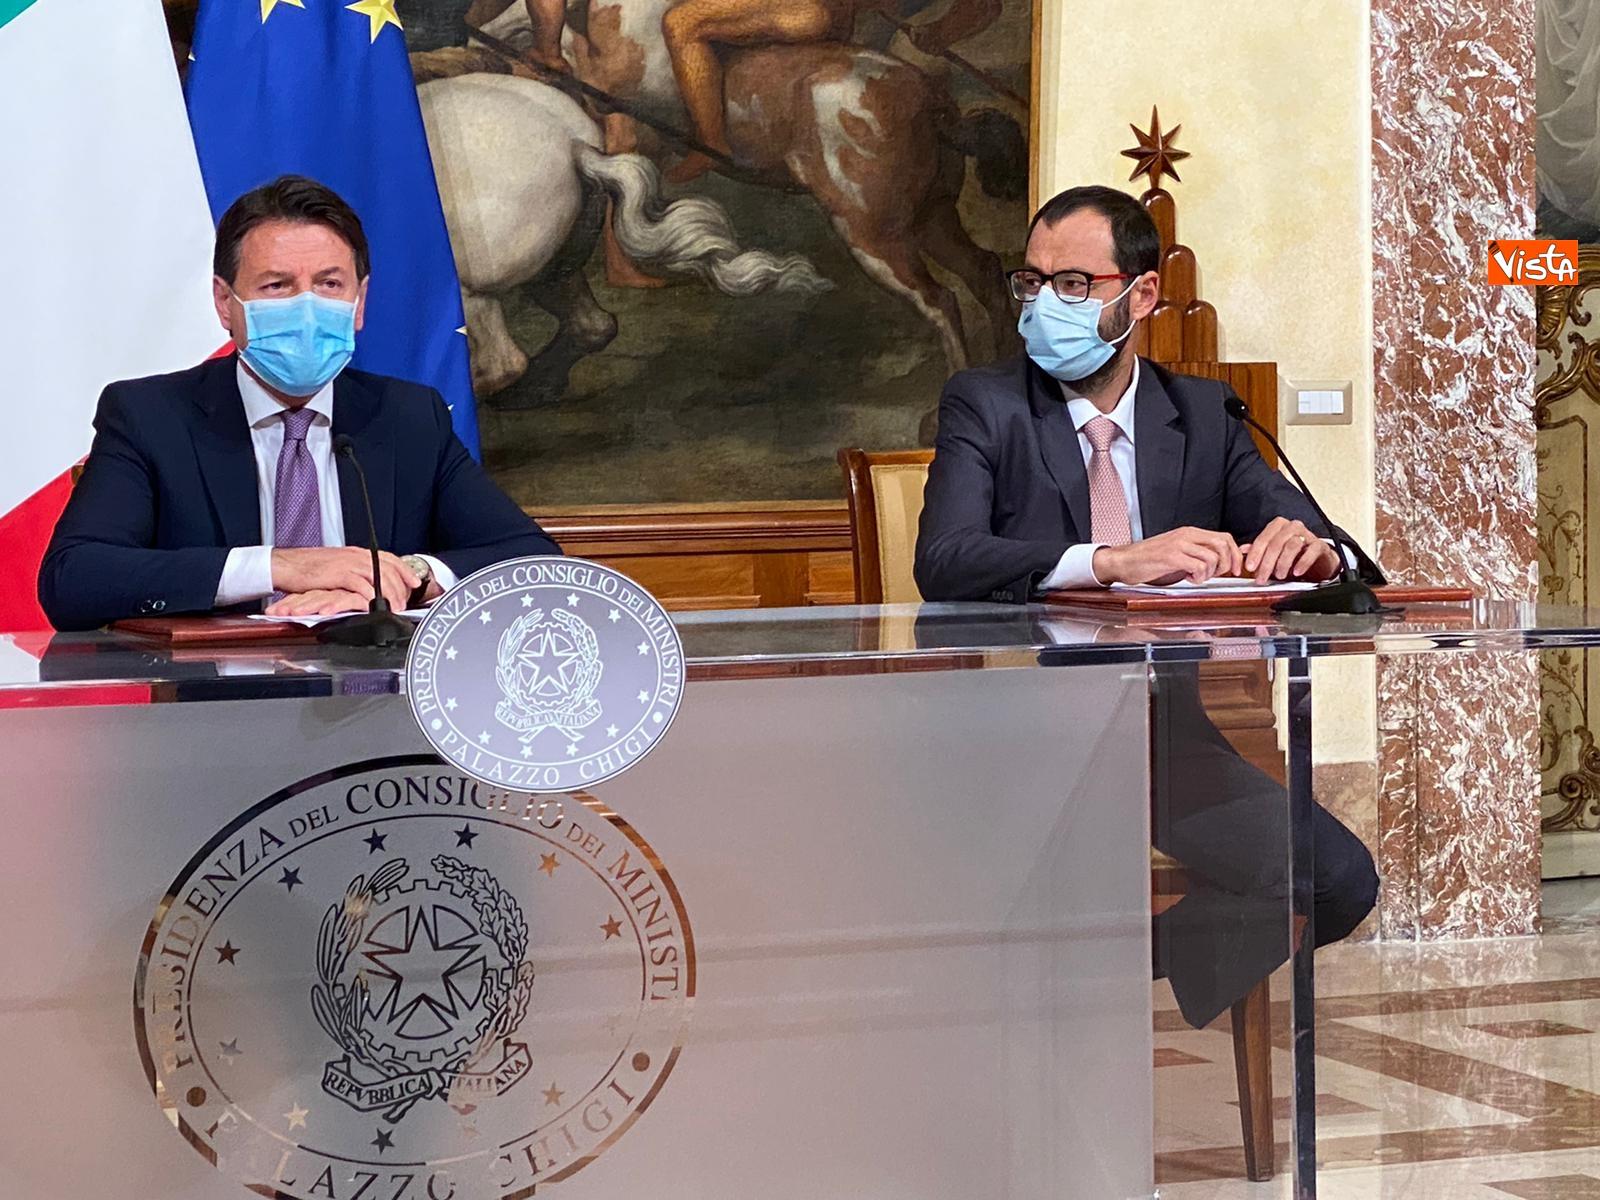 Dl ristori Conte Gualtieri e Patuanelli in conferenza stampa a Palazzo Chigi_02